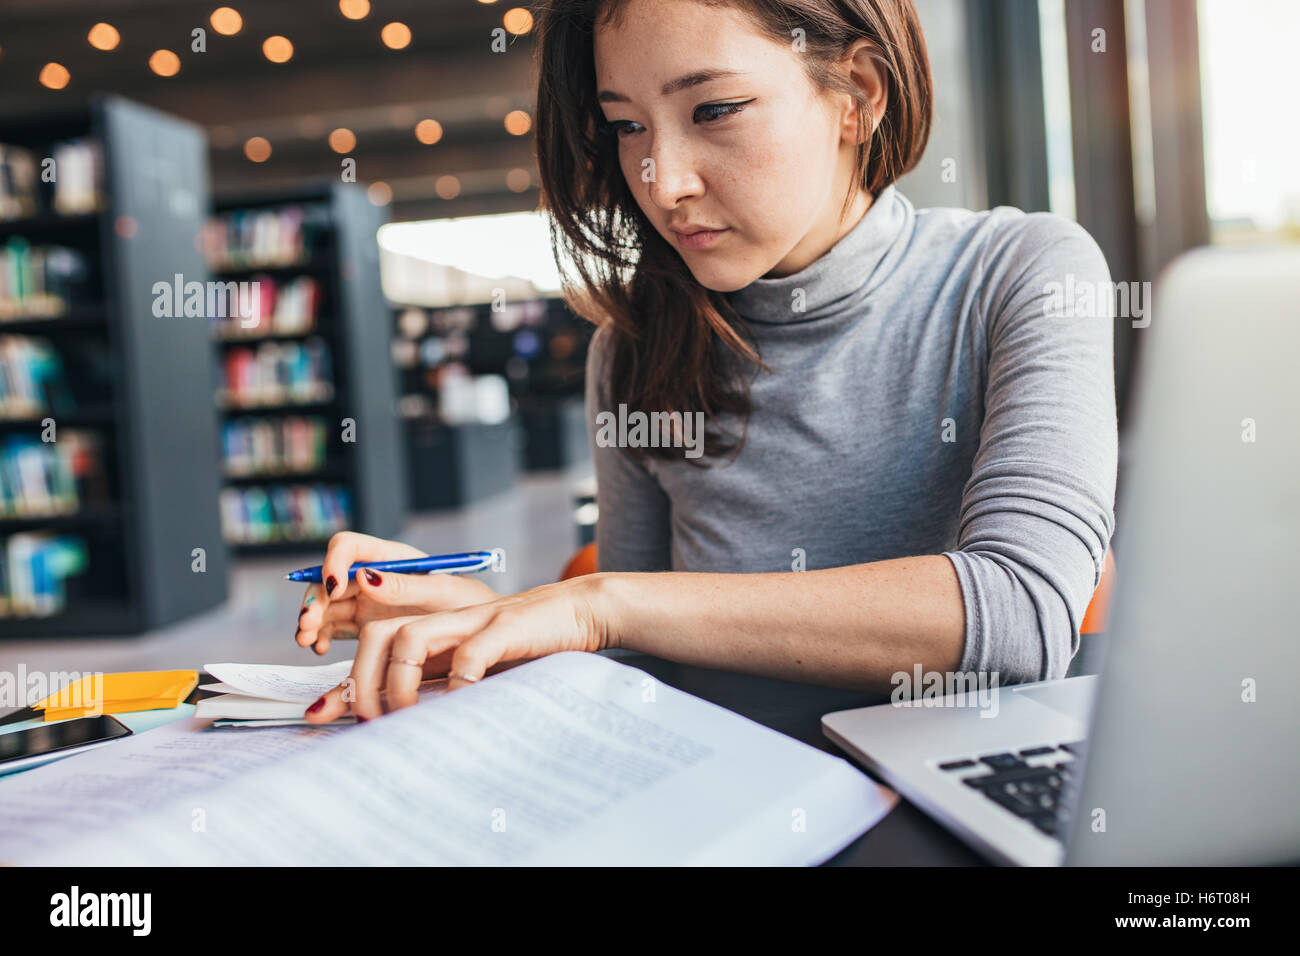 Junge Frau an einem Buch studieren und Abbau Hinweis beim Sitzen am Schreibtisch Bibliothek. Asiatische Studentin Stockbild